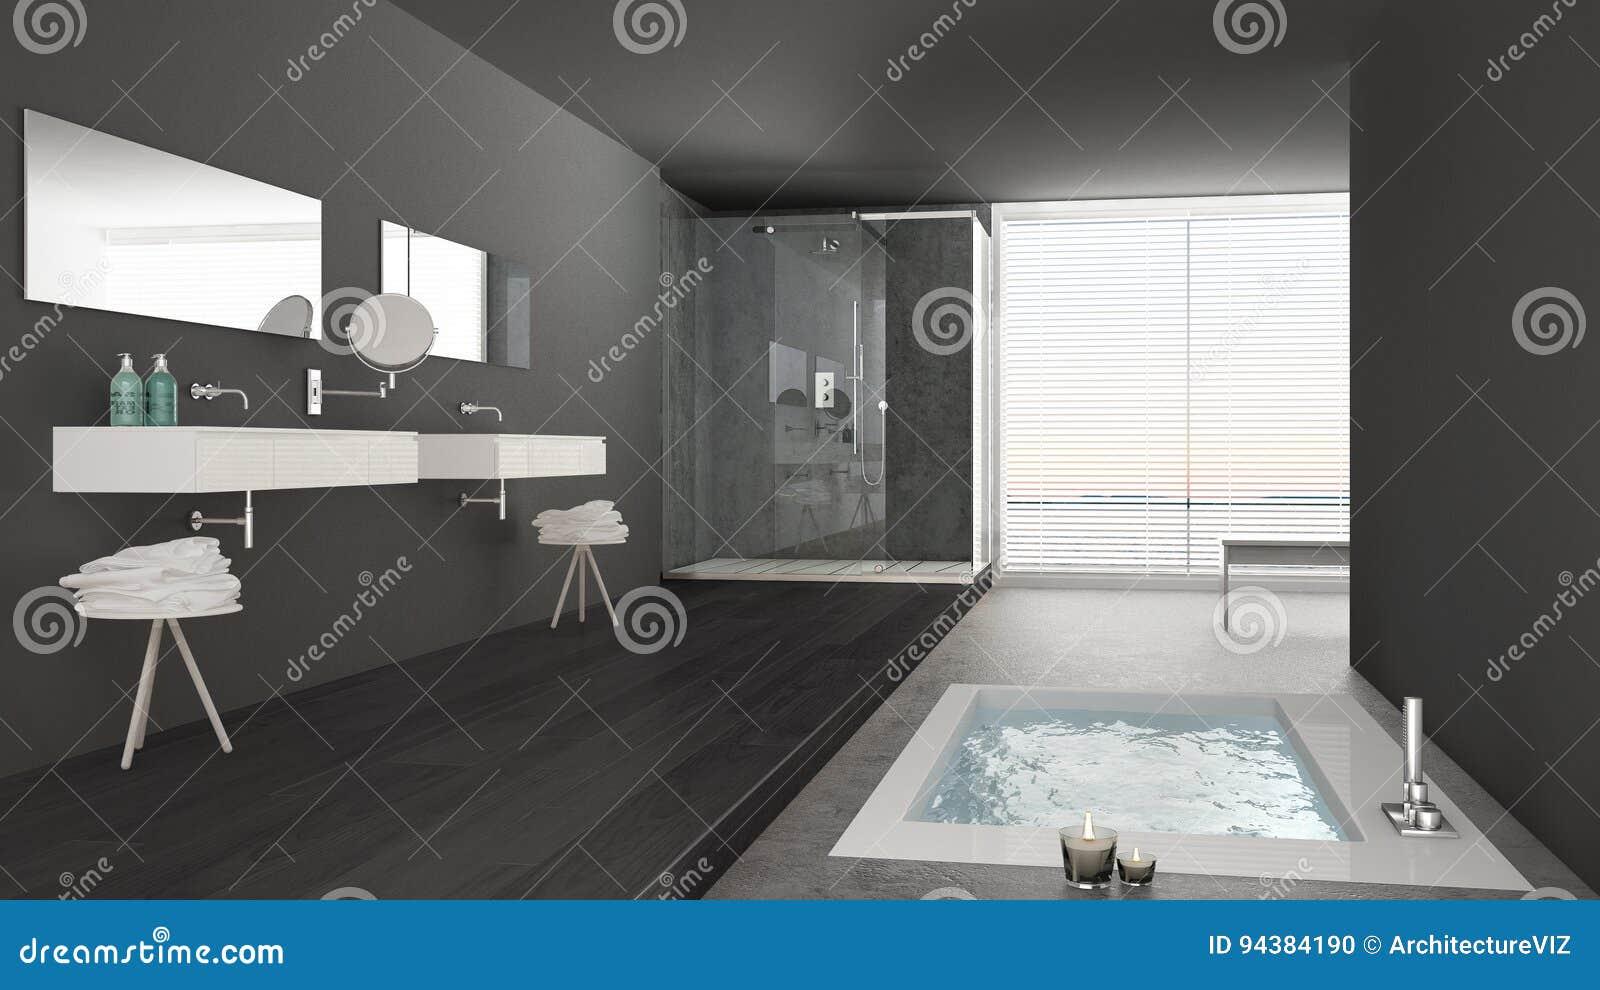 Bagno Grigio Minimal Con Lavabo Interior Design : Download bagno bianco e grigio minimalista con la vasca da